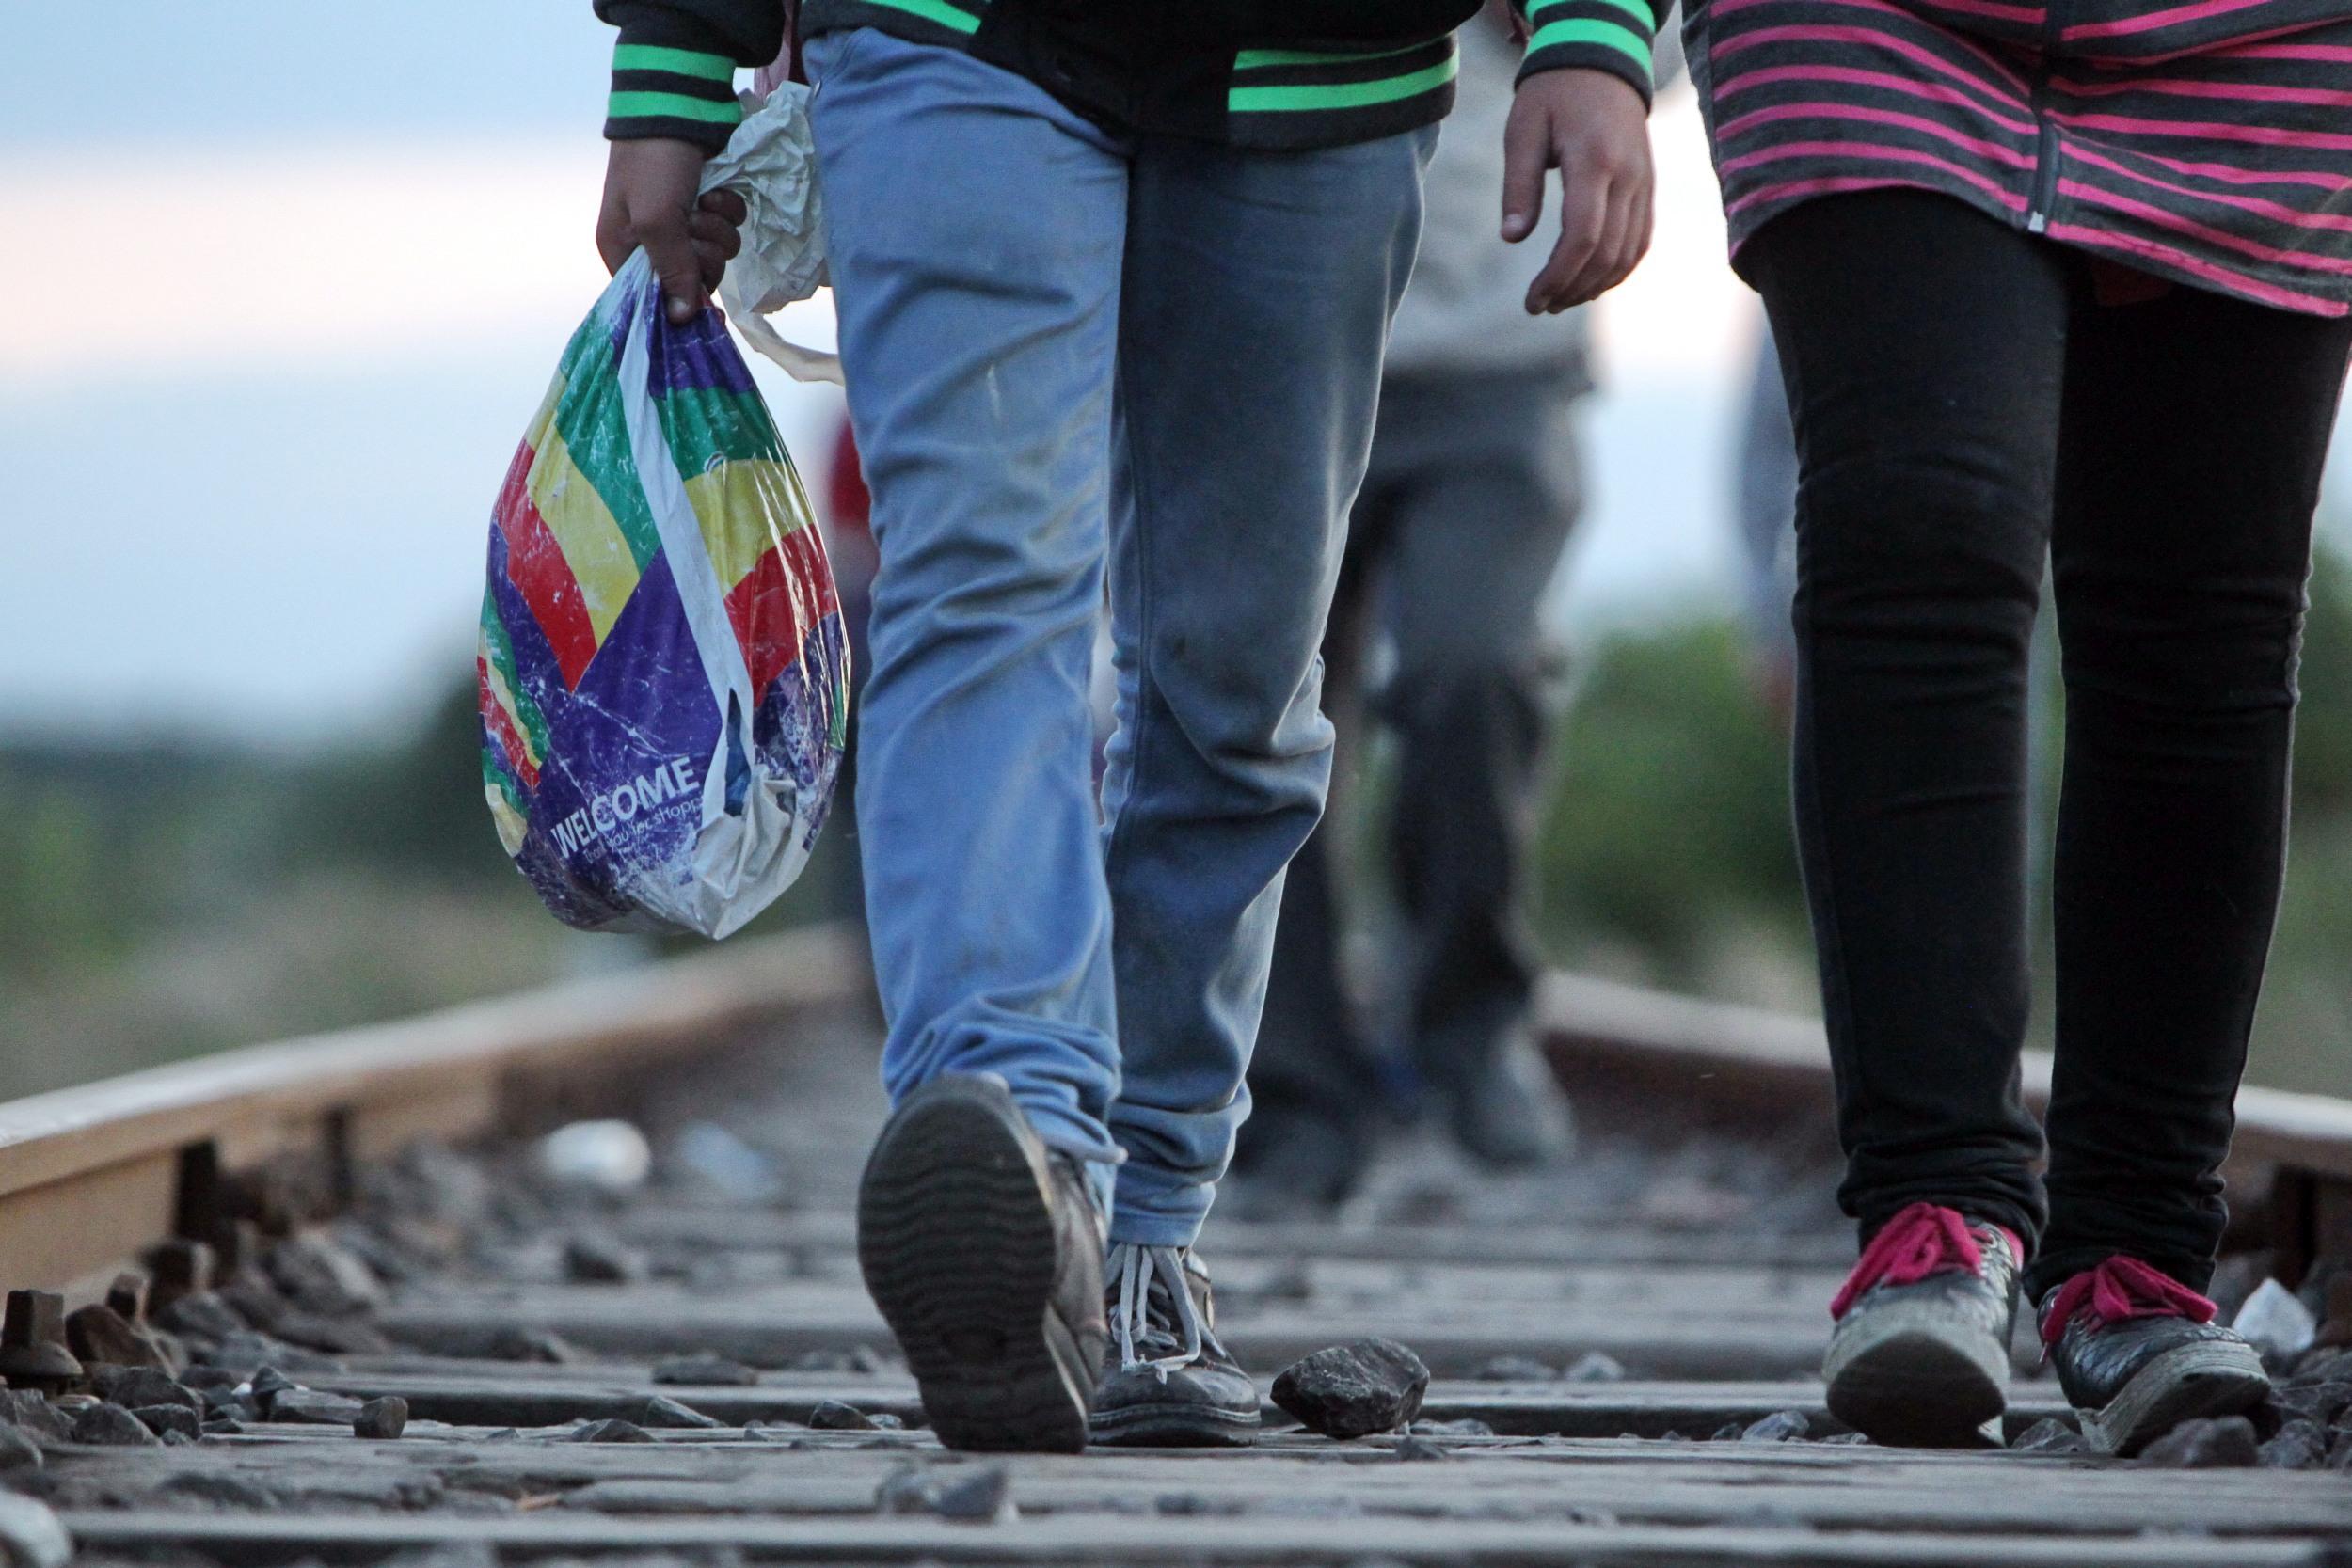 Autorităţile germane nu ştiu unde se află zeci de mii de imigranţi extracomunitari